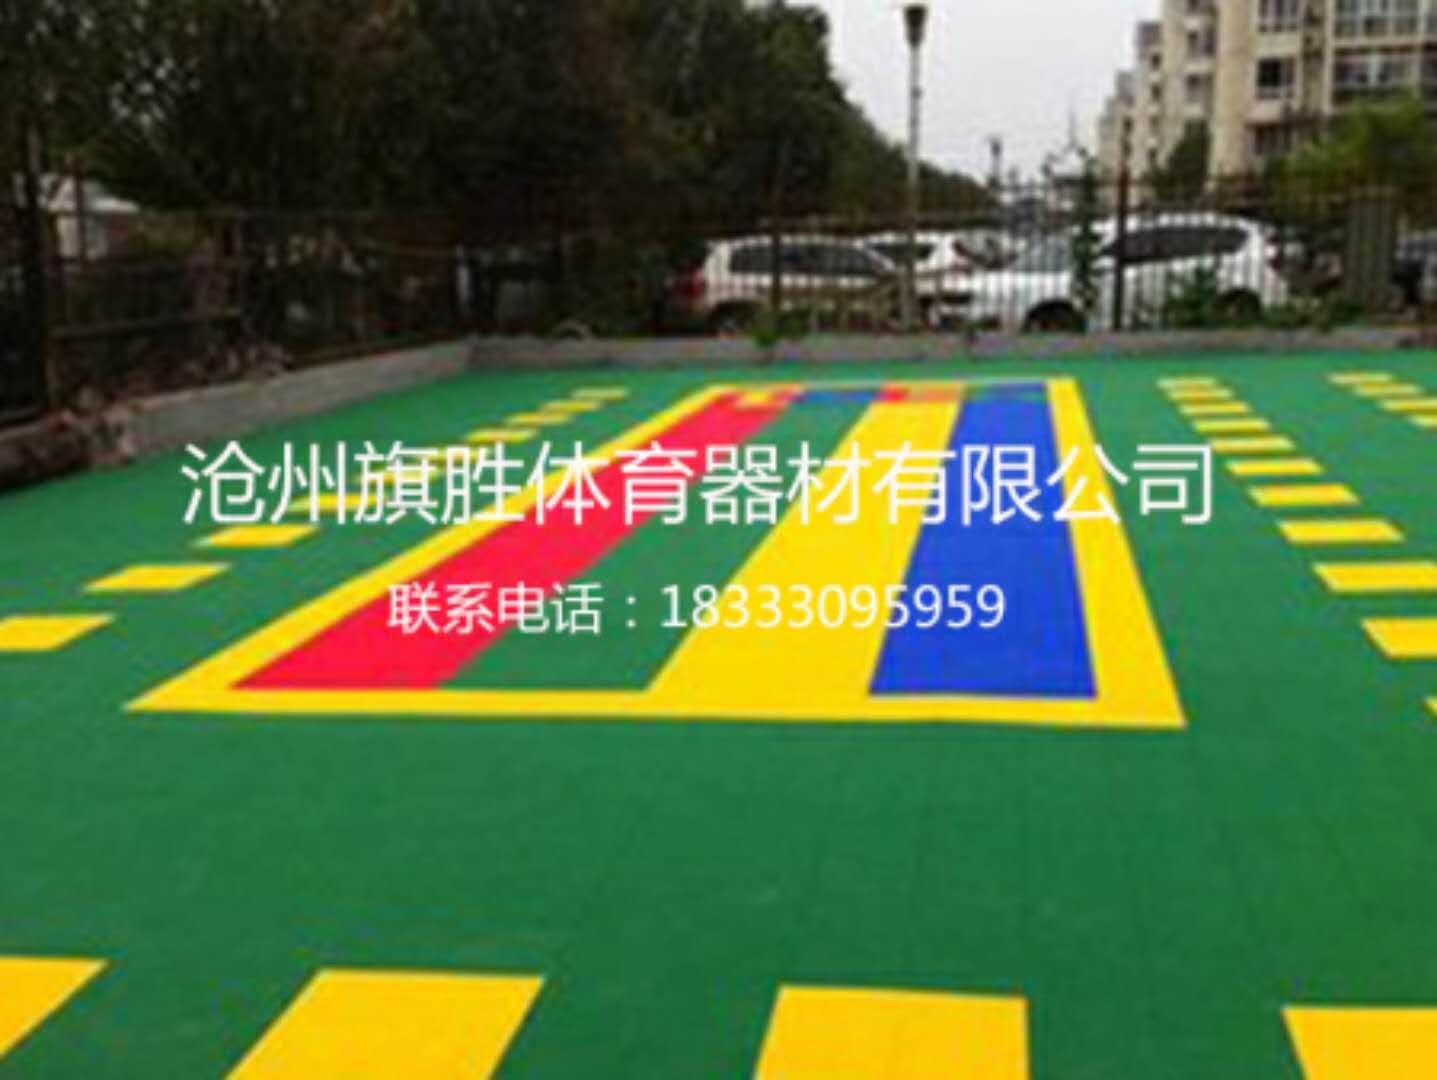 PVC運動地板施工-買懸浮地板就來滄州旗勝體育器材